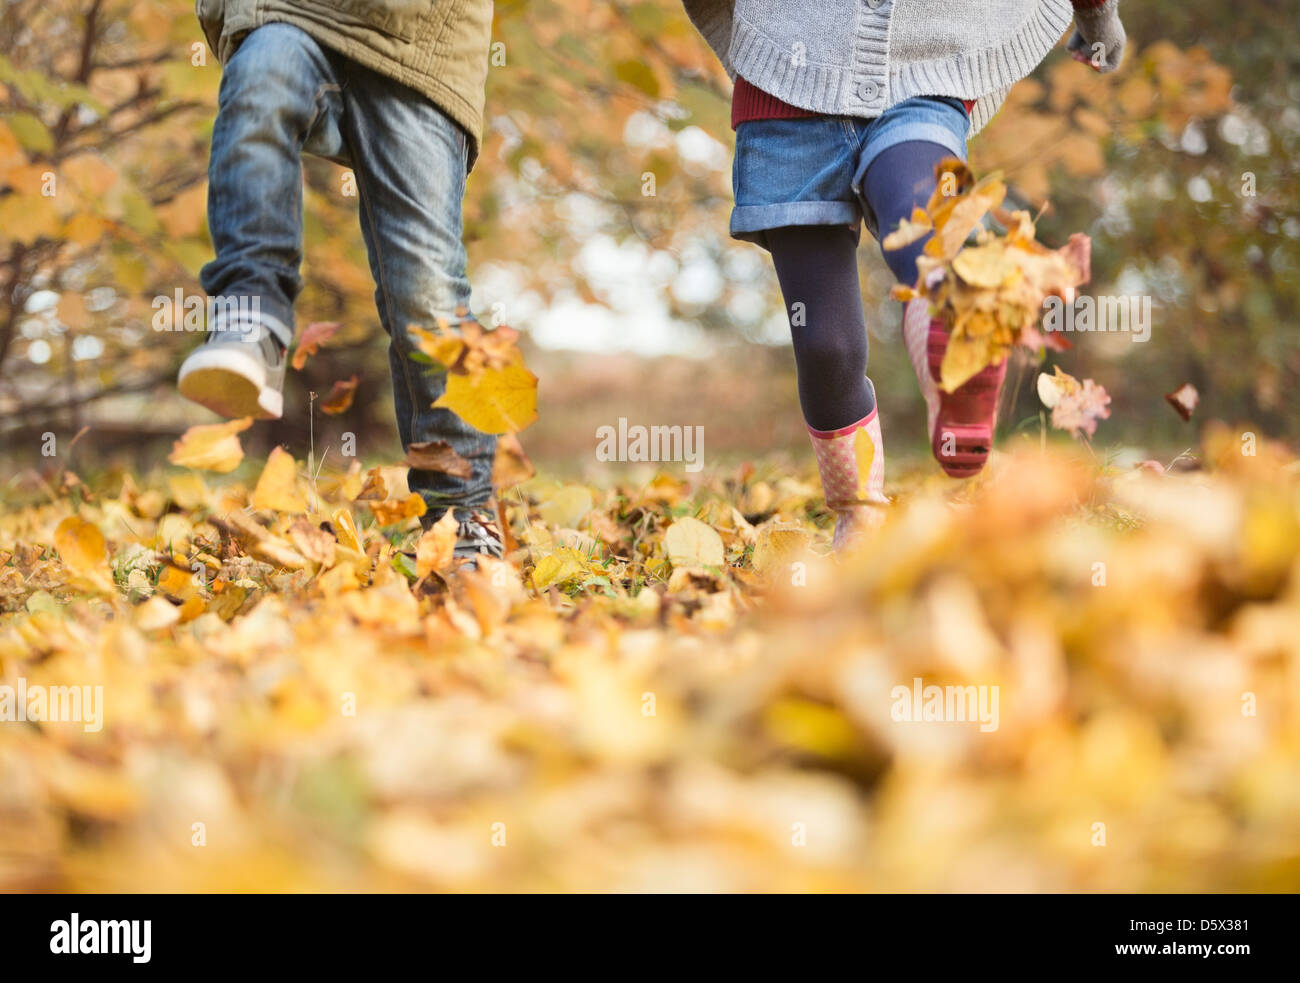 Los niños caminando en hojas de otoño Imagen De Stock